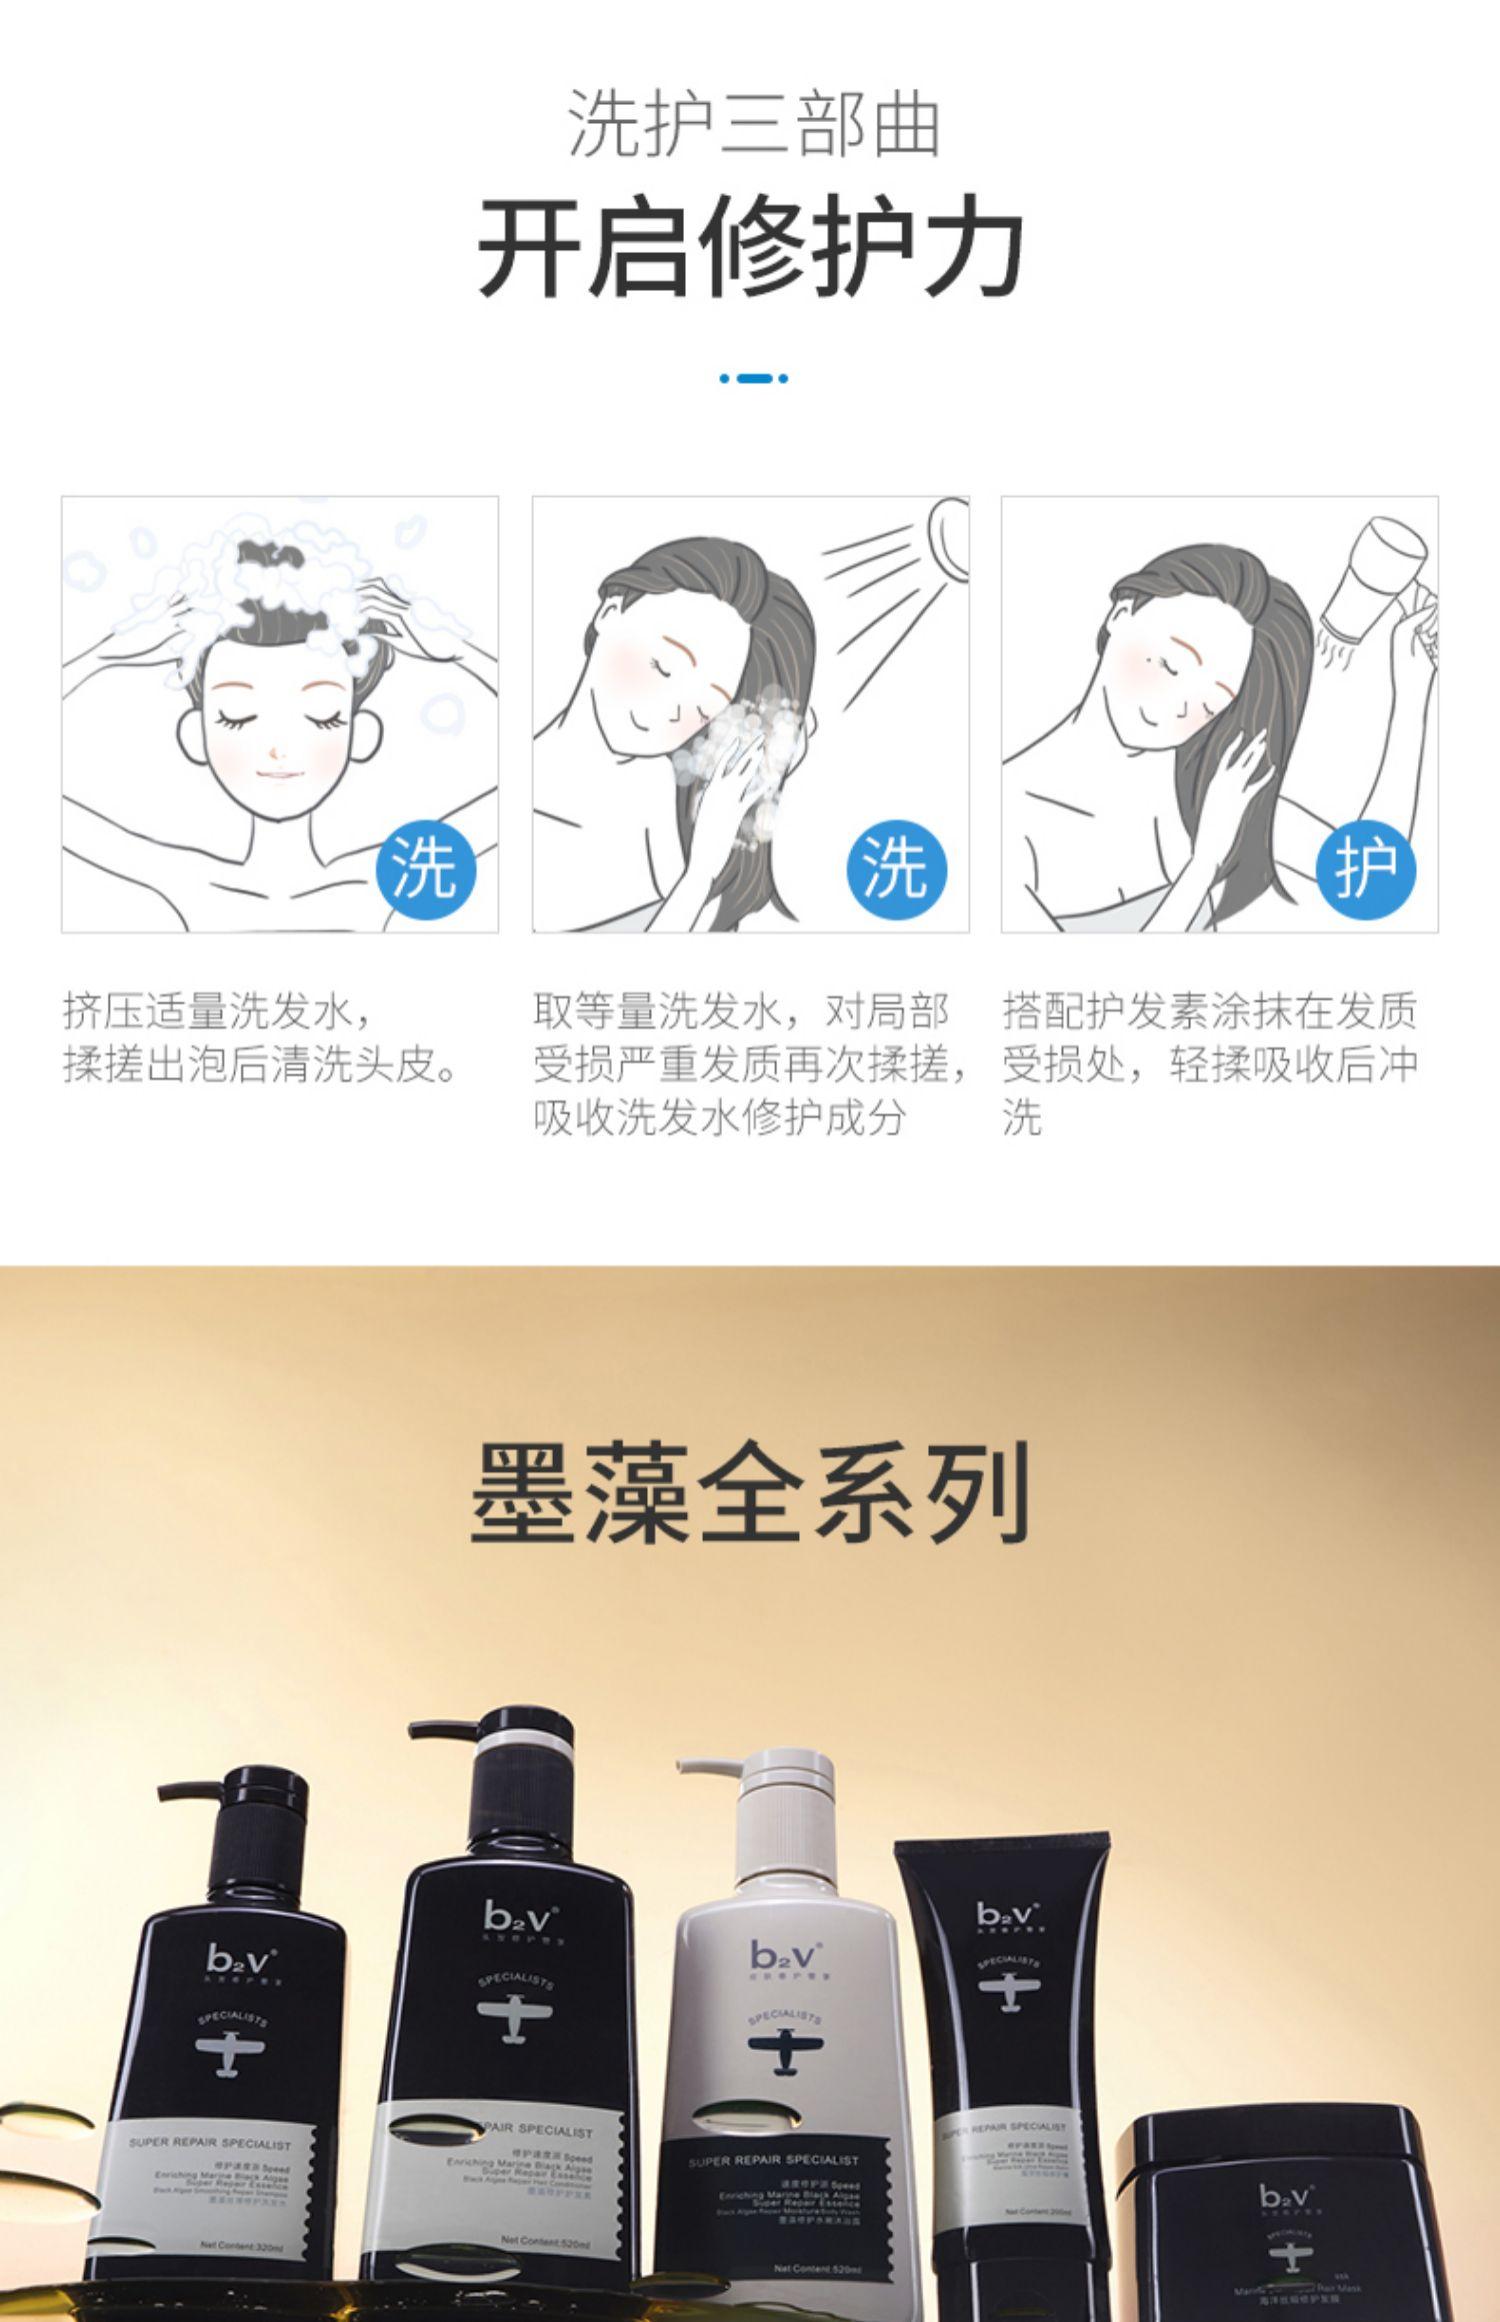 b2v洗发乳毛躁损伤护色丰盈护发素止痒去屑柔顺烫染修护洗发水商品详情图